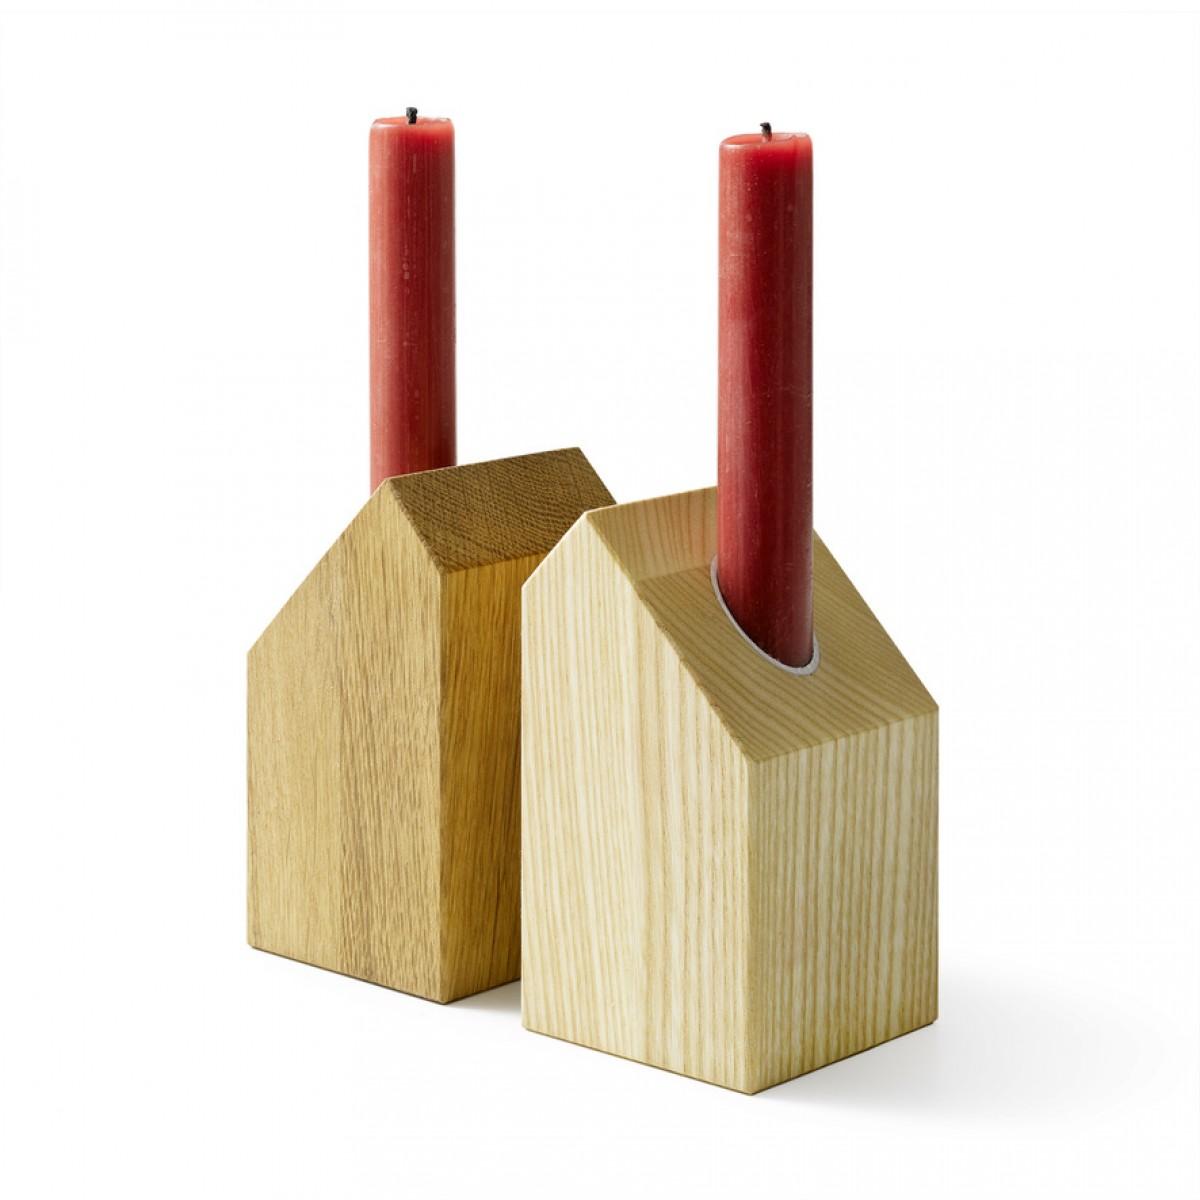 Kerzenhäuser